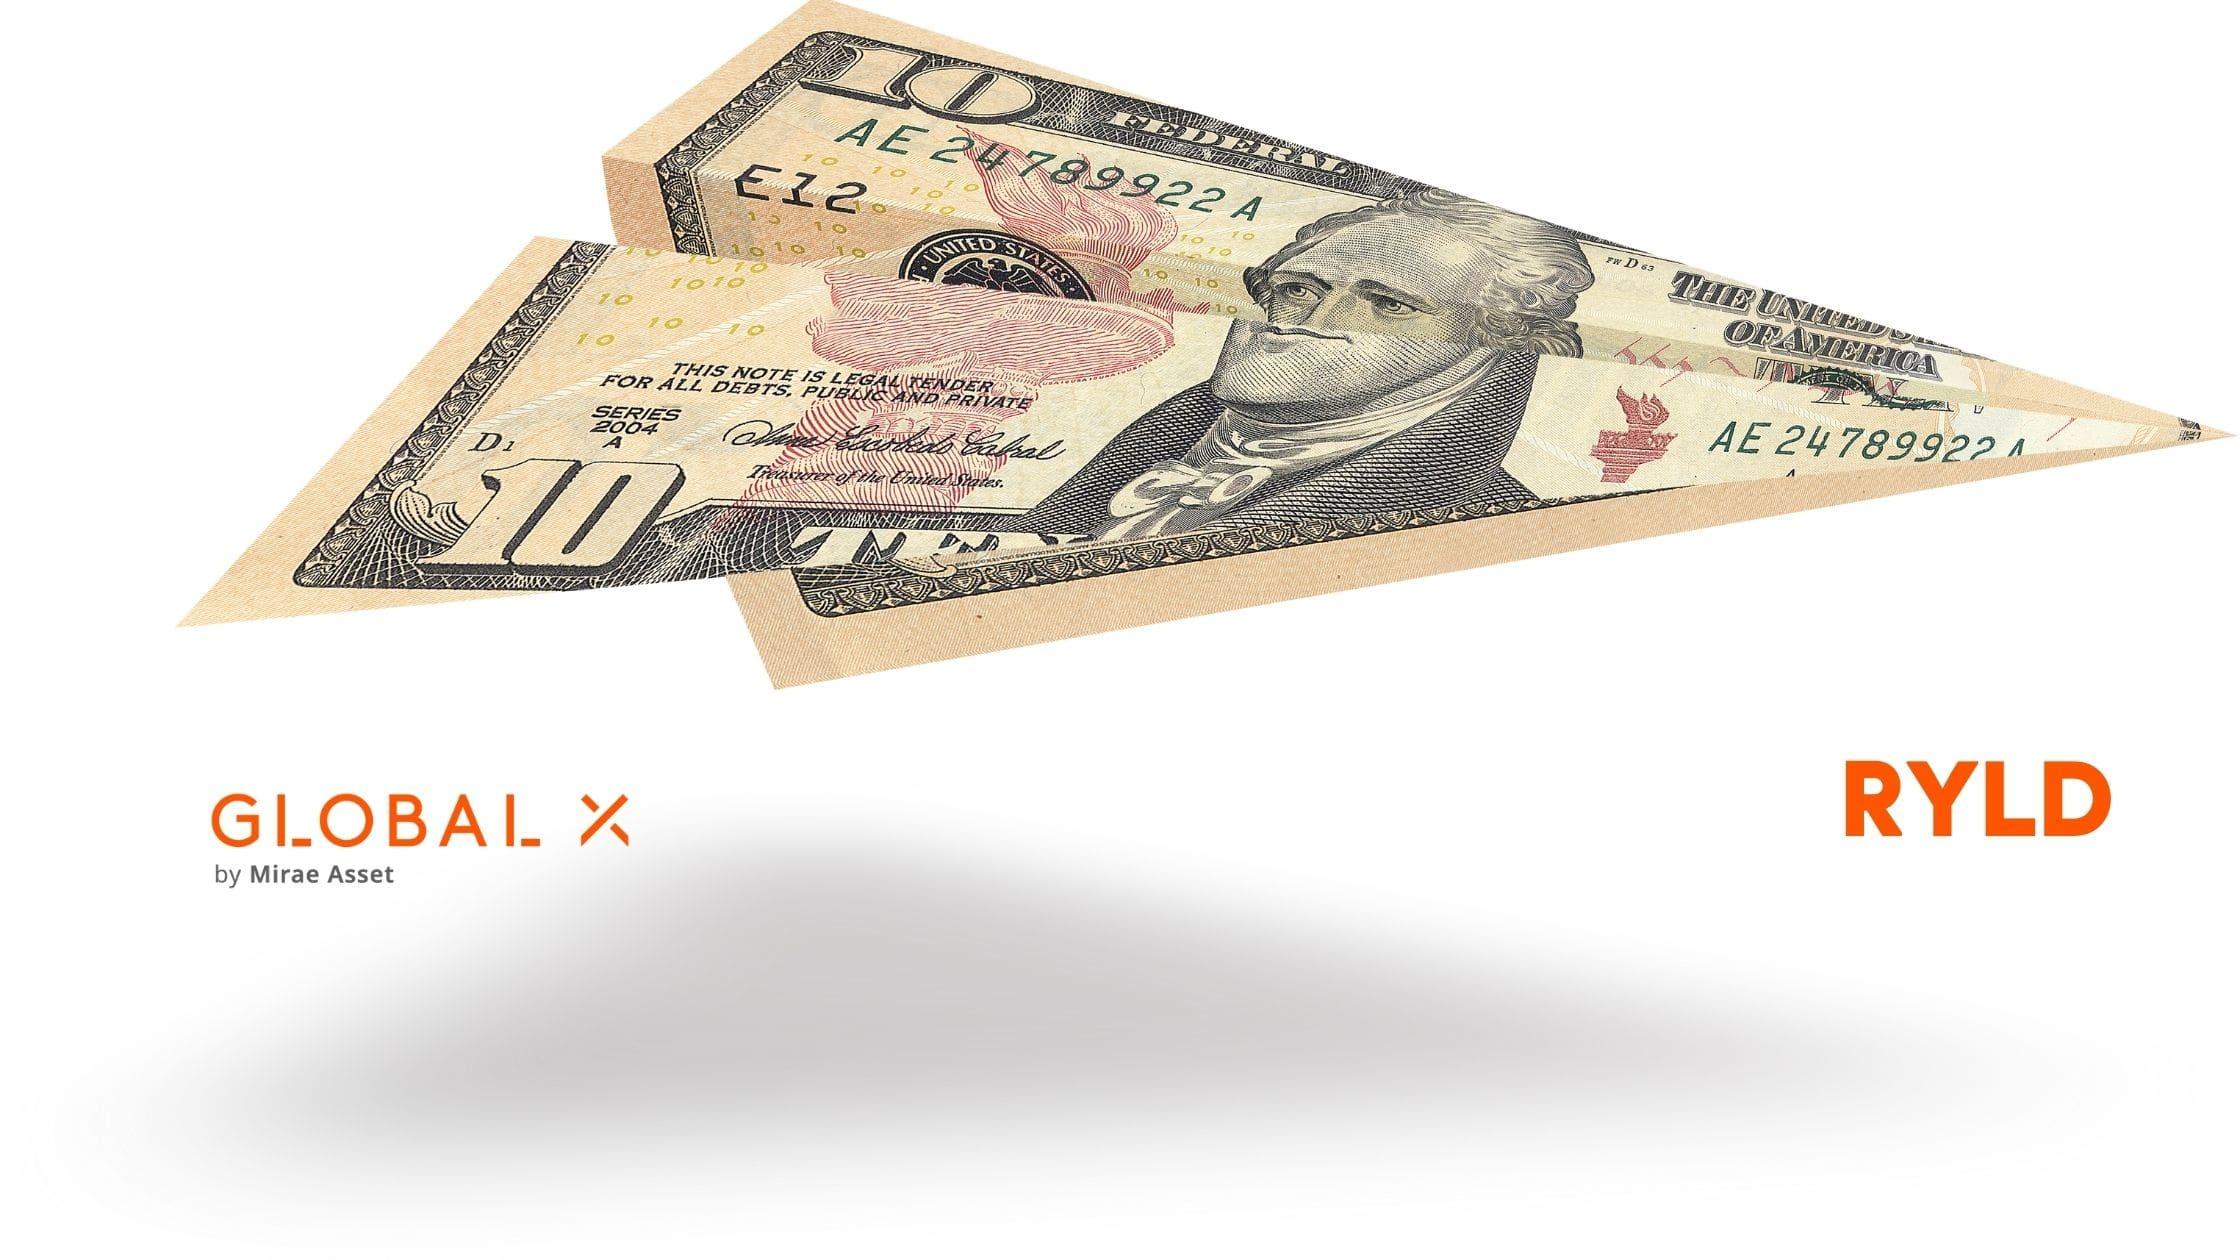 【高配当ETF】配当利回り10%超えのRYLDってどんなETF?